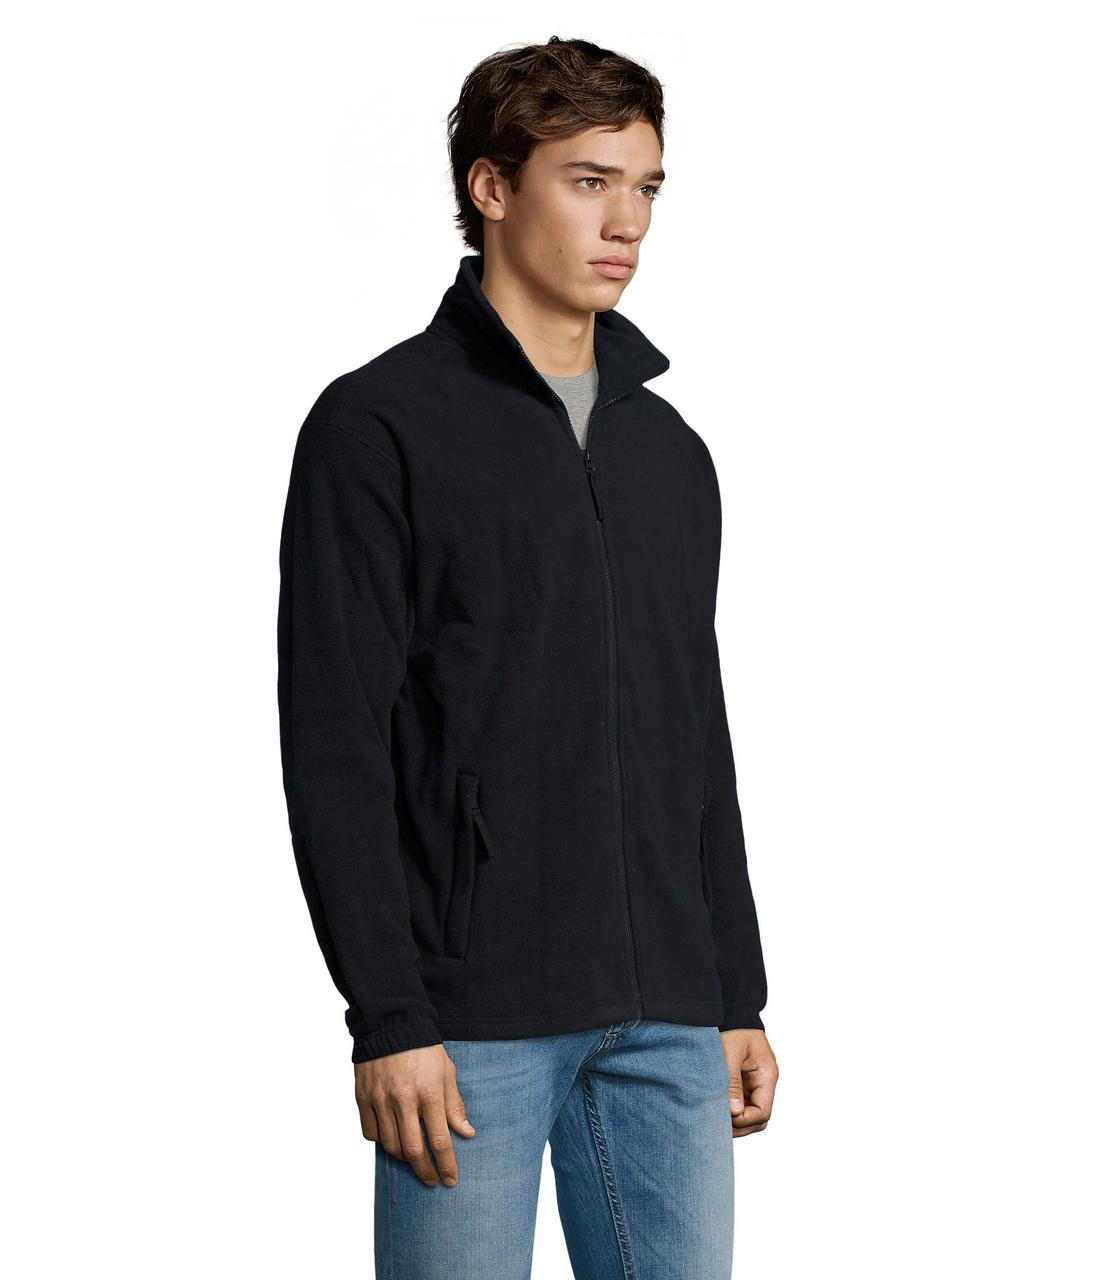 Флиска Флисовая куртка - фото 3